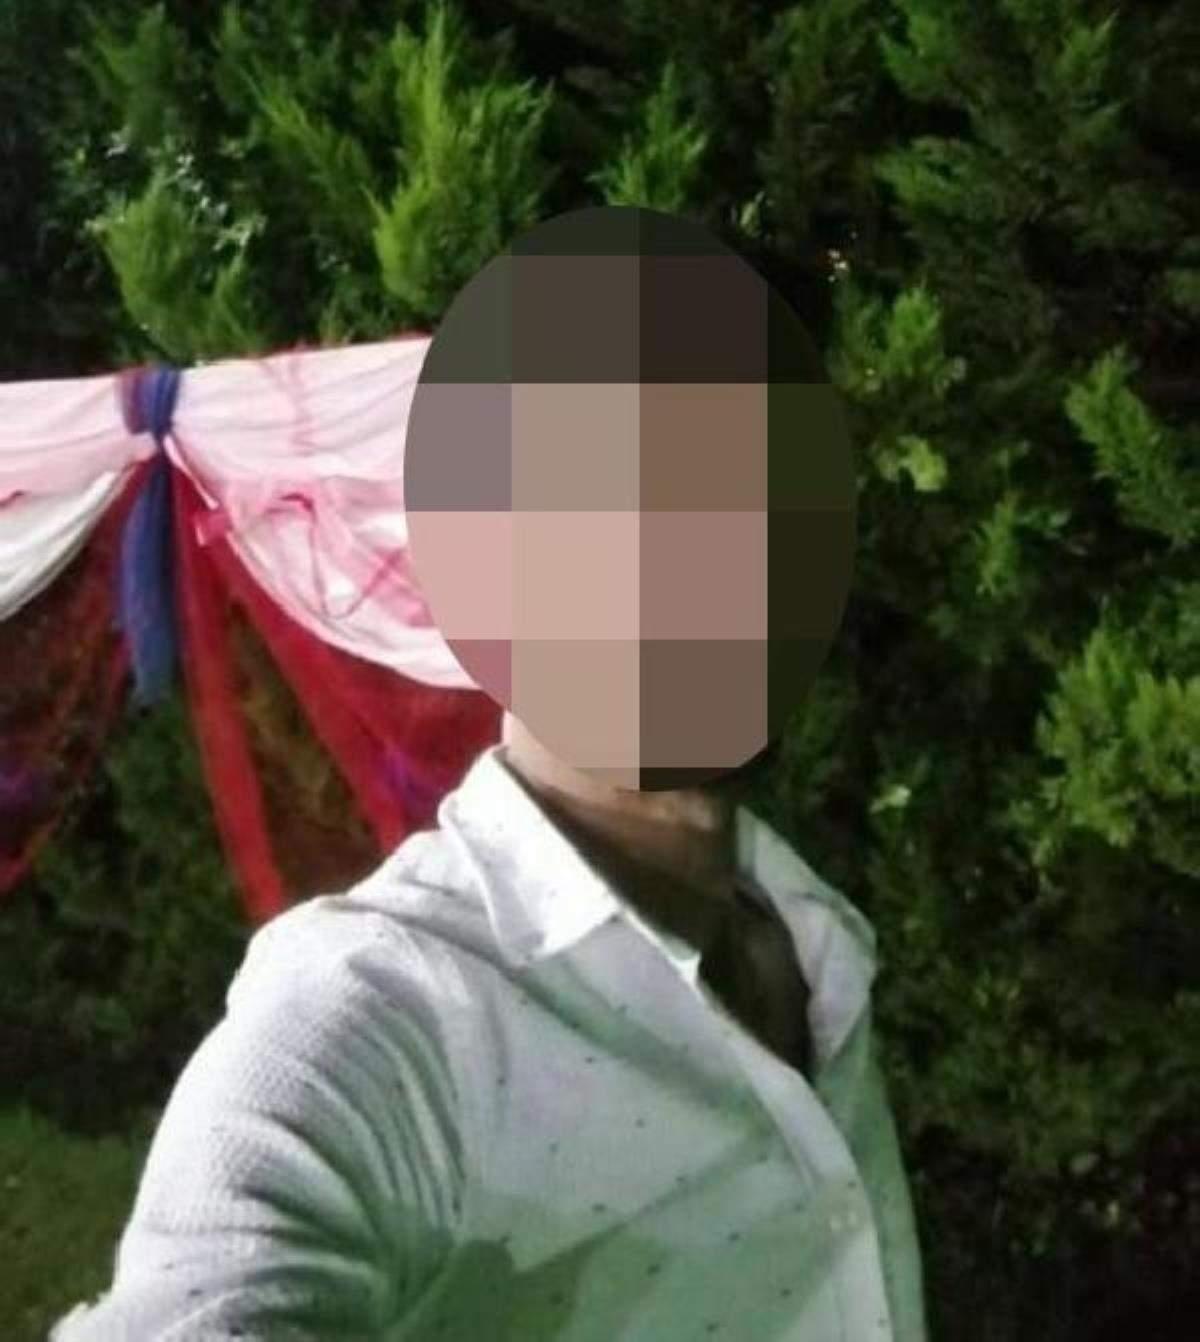 Son dakika gündem: Cinsel istismardan 28 yıl hapis cezası alan sanığa,  Şevkat Yerimdar  beraati